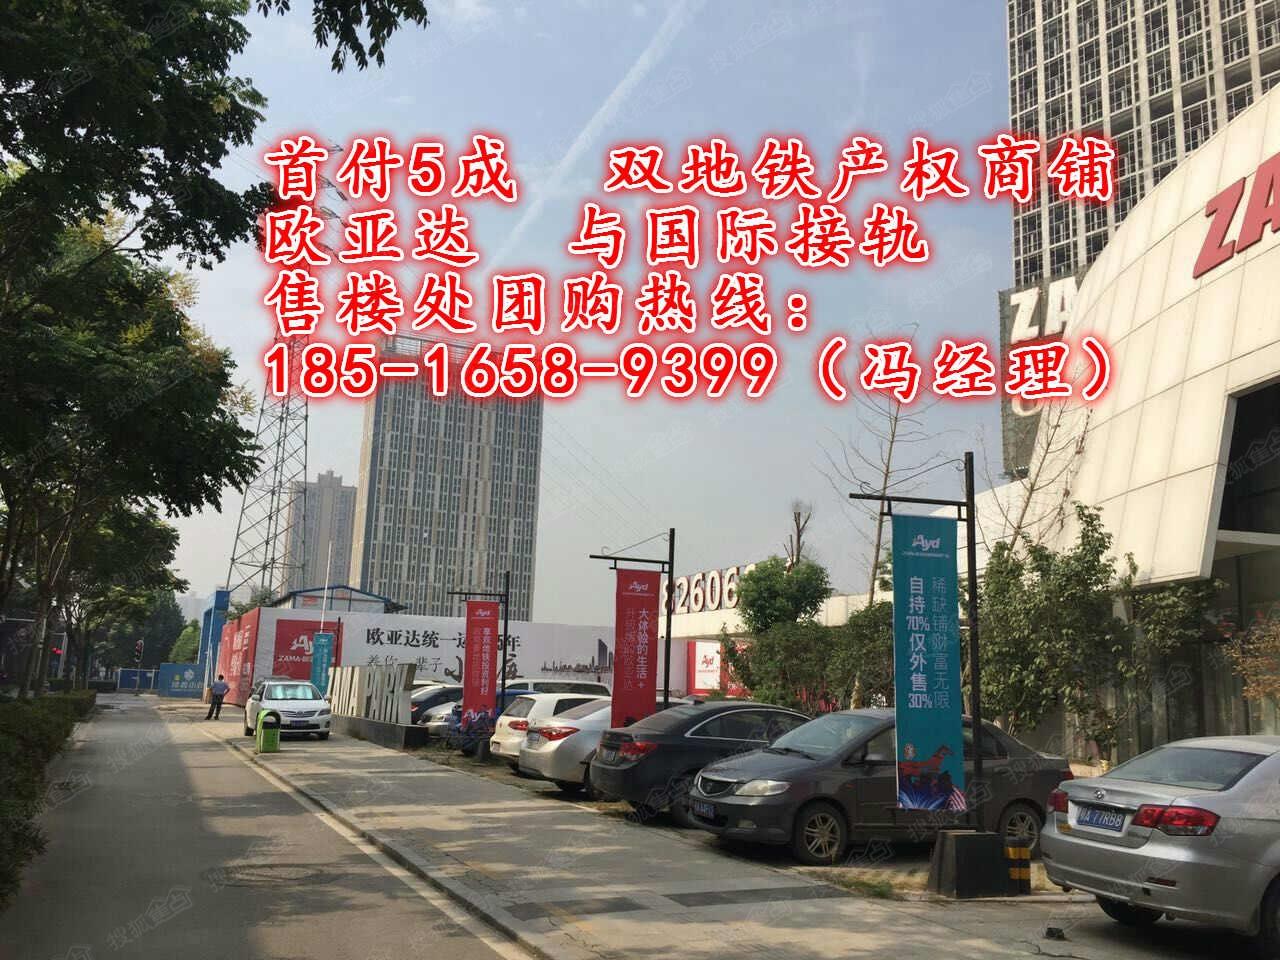 【武汉市中心双地铁商铺出售】zama park欧亚达家居广场图片